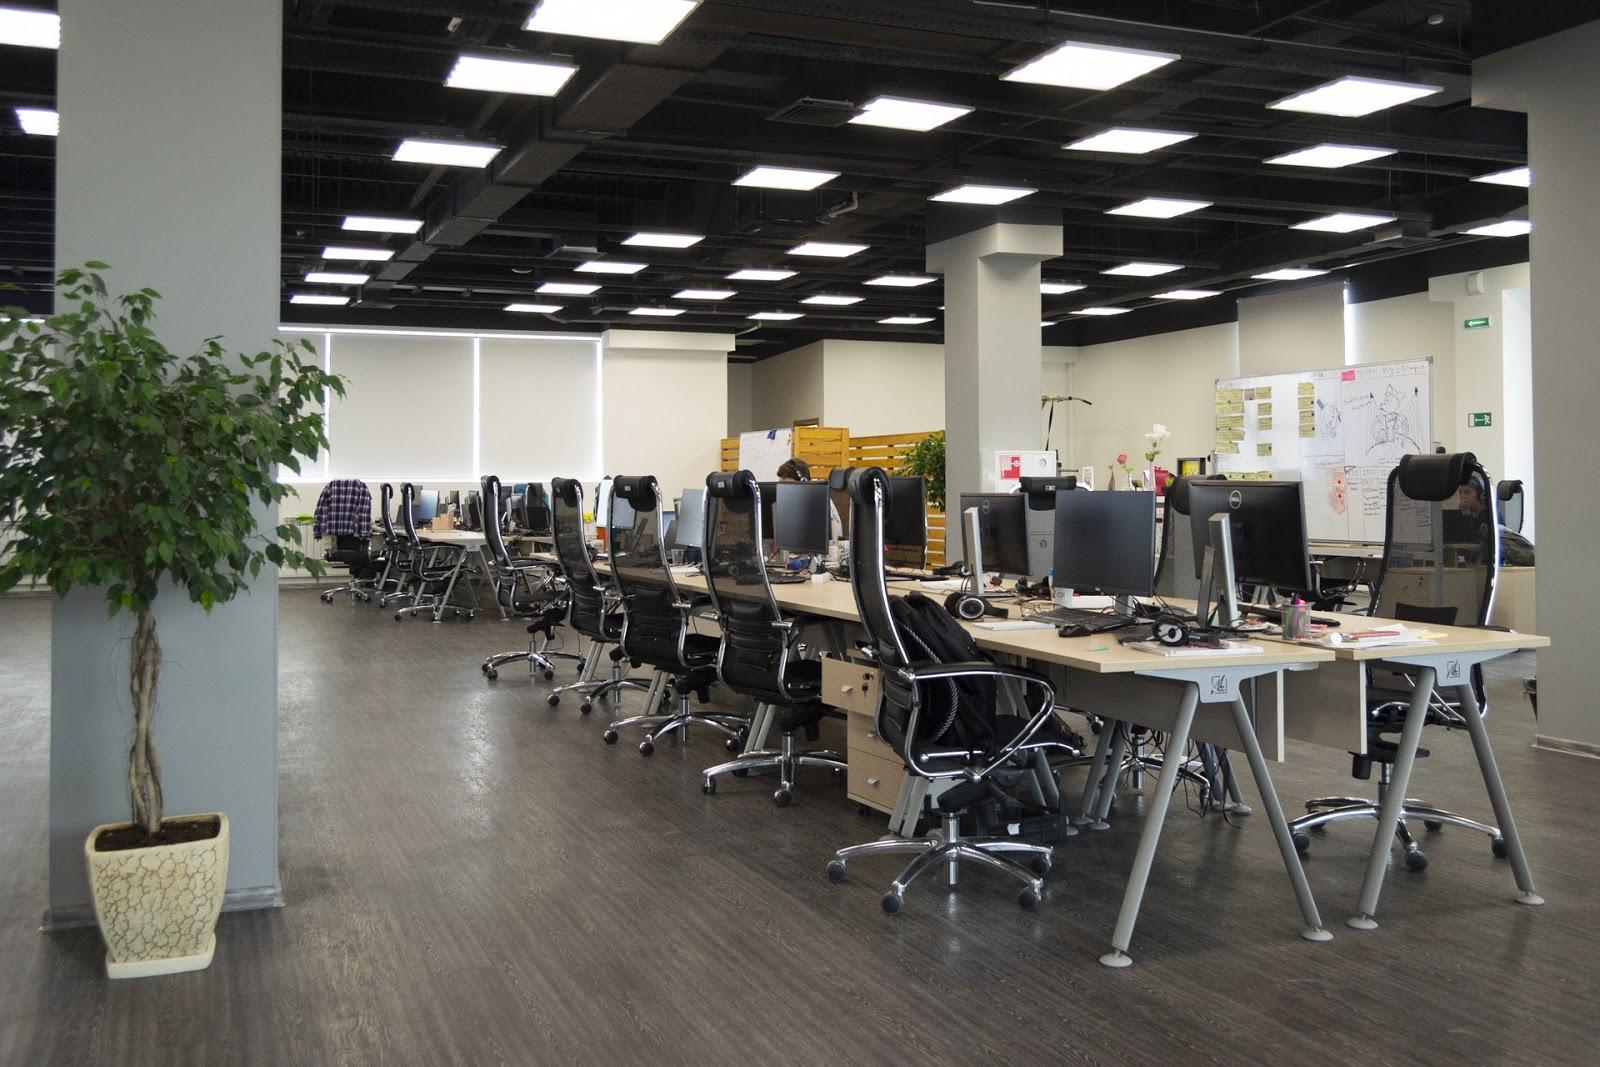 Комфортный офис — помогает работать или мешает и отвлекает? Ответят Sidenis, Alternativa Games и FunBox - 7